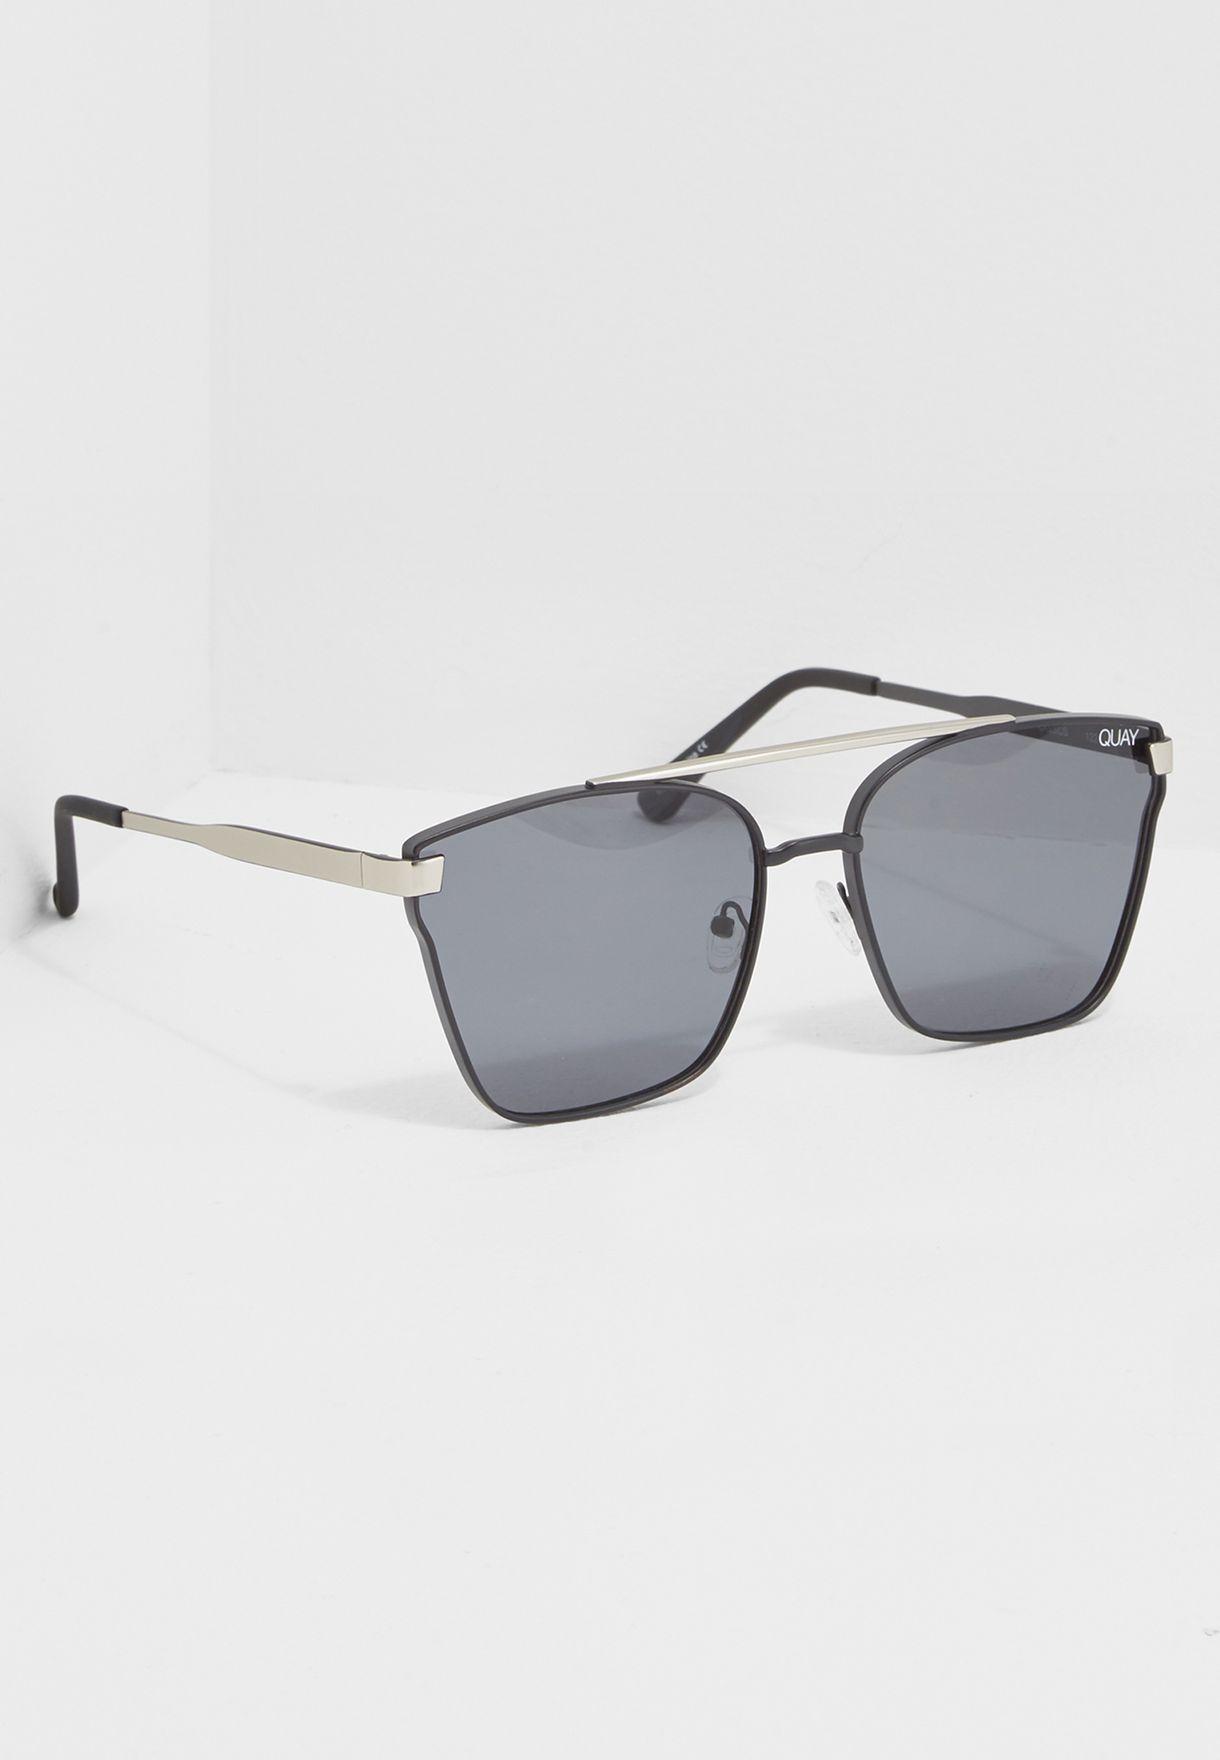 89be329f0b Shop Quay Australia black Cassius Sunglasses QM-000196 for Men in ...